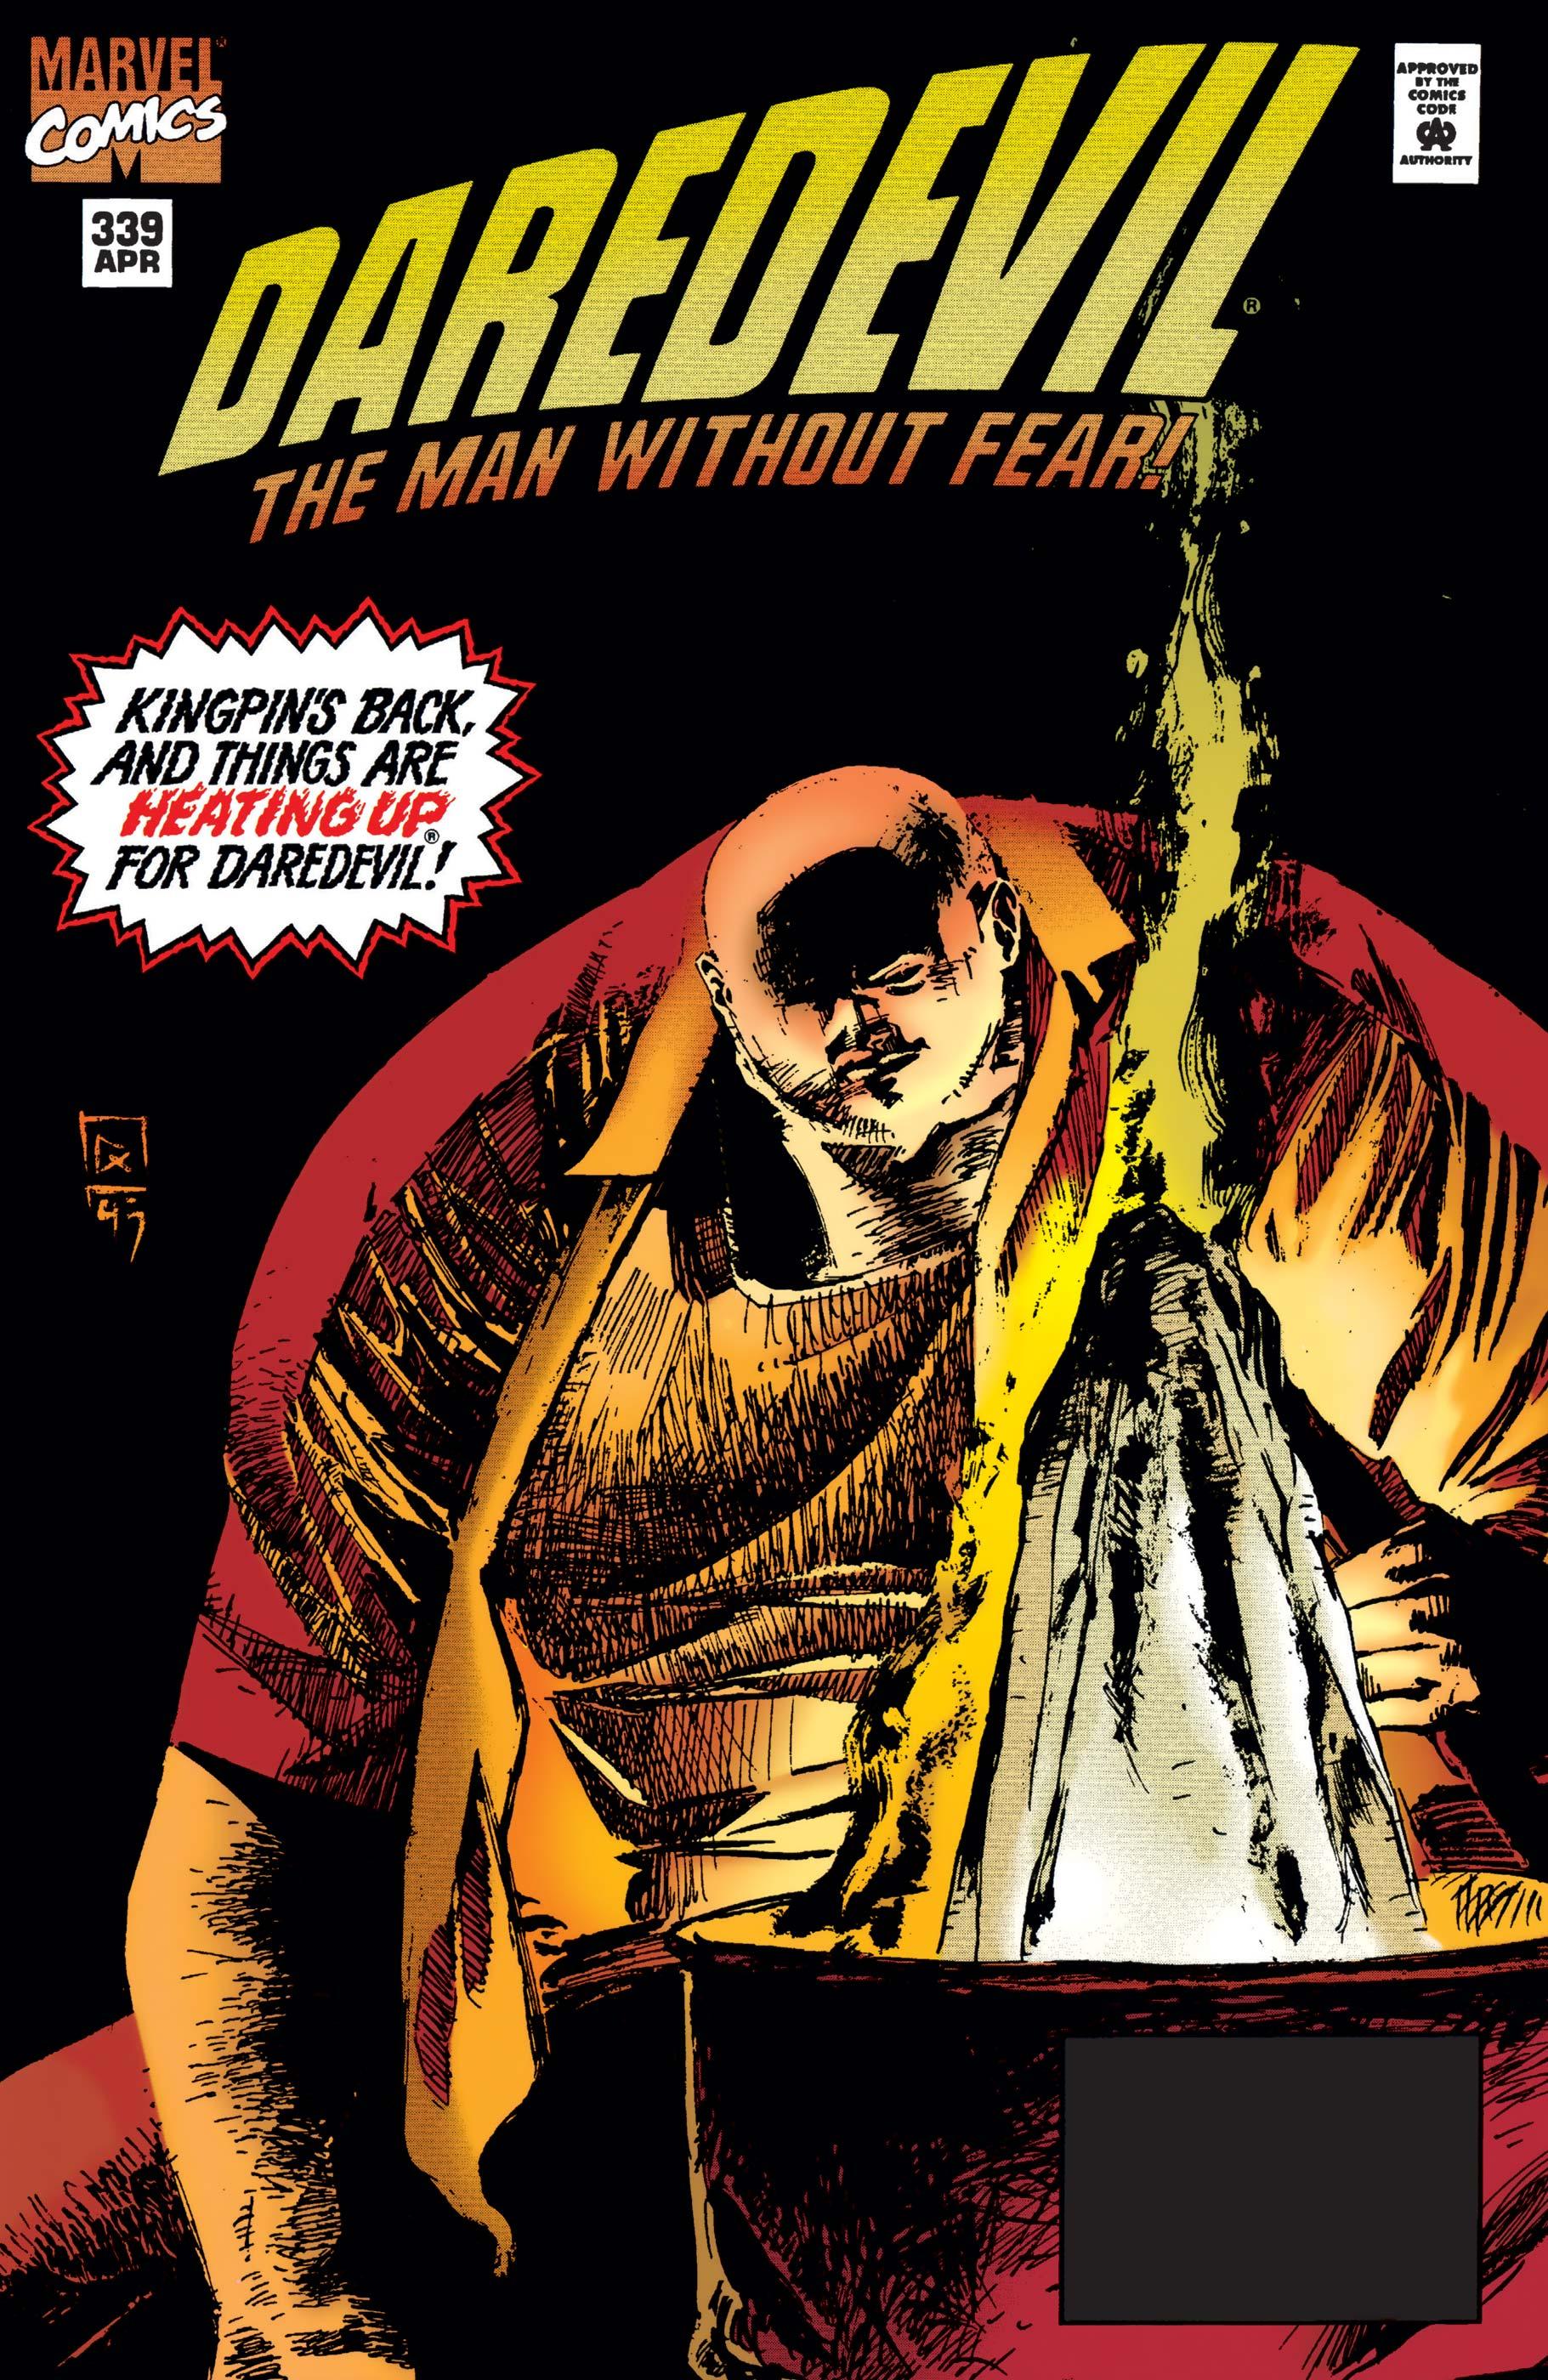 Daredevil (1964) #339